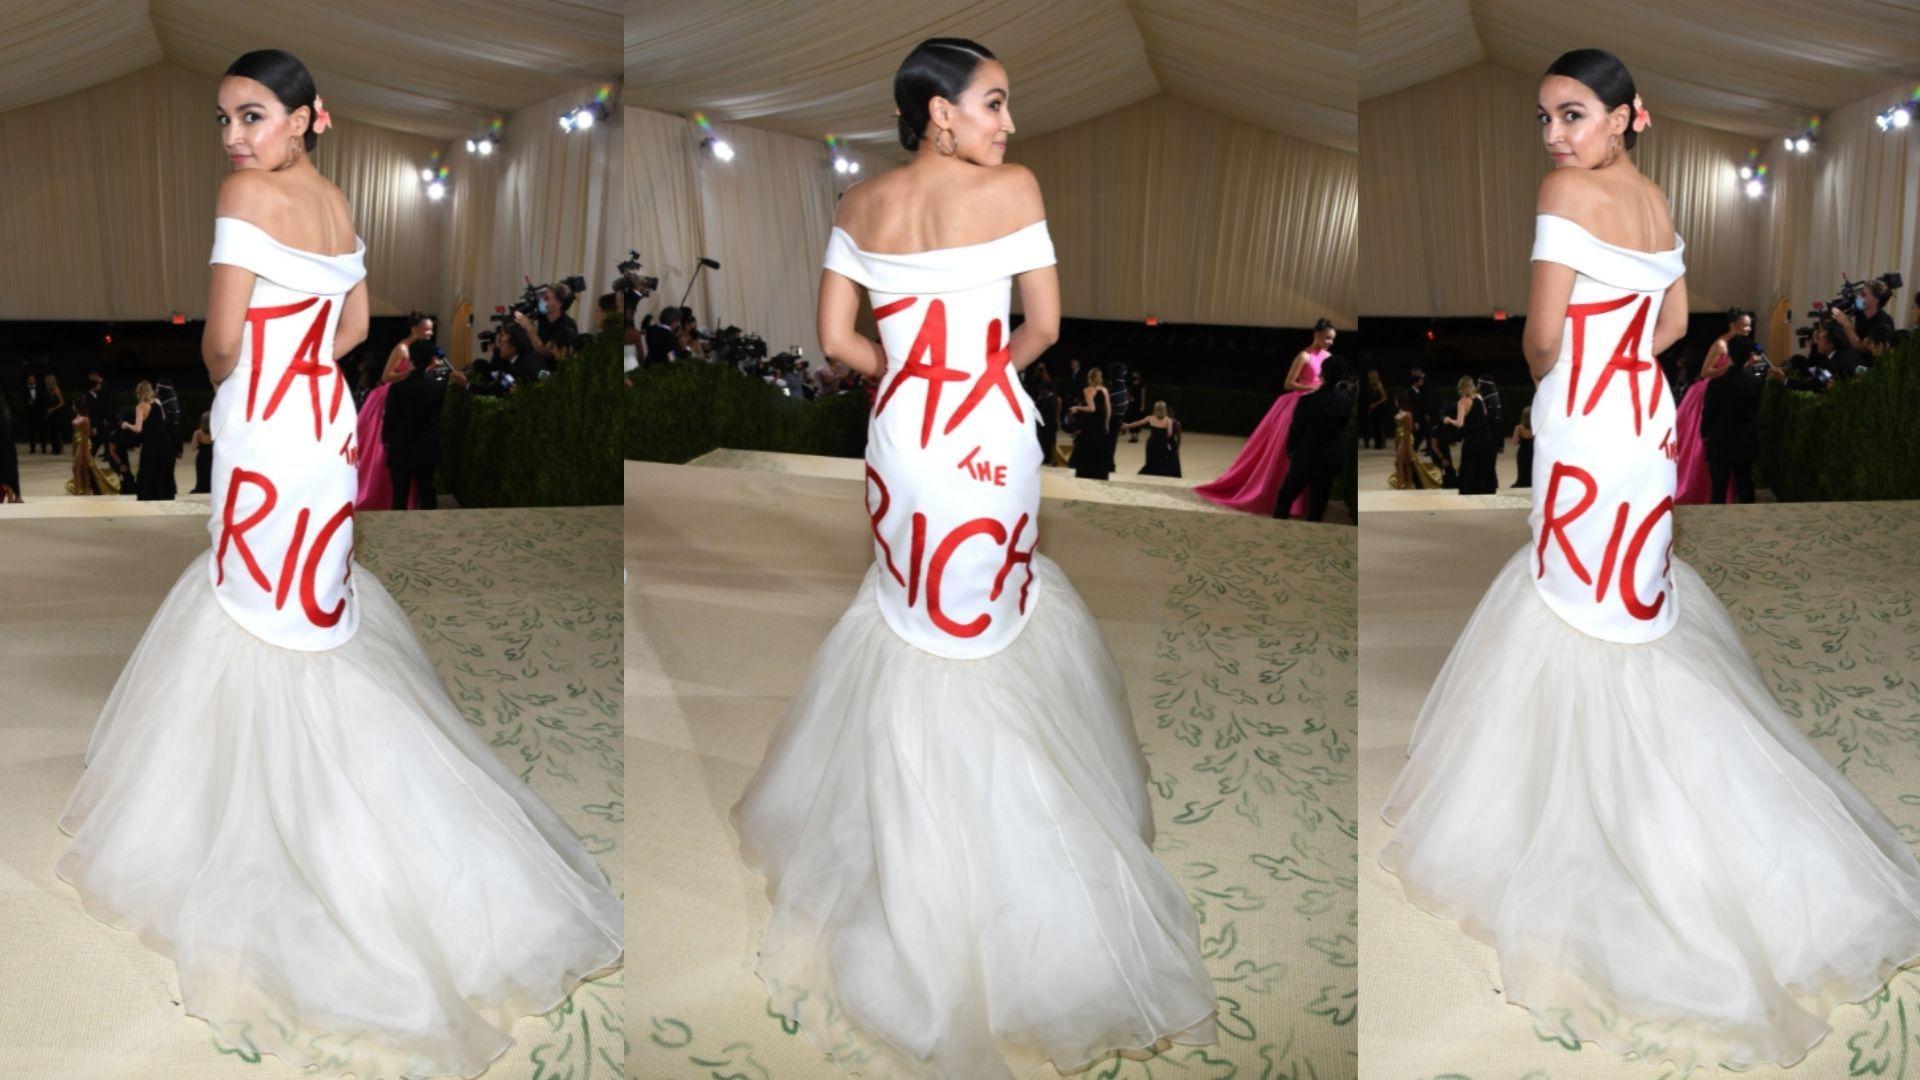 alexandria ocasio-cortez pide mas impuestos a los ricos con su vestido y le llueven las criticas